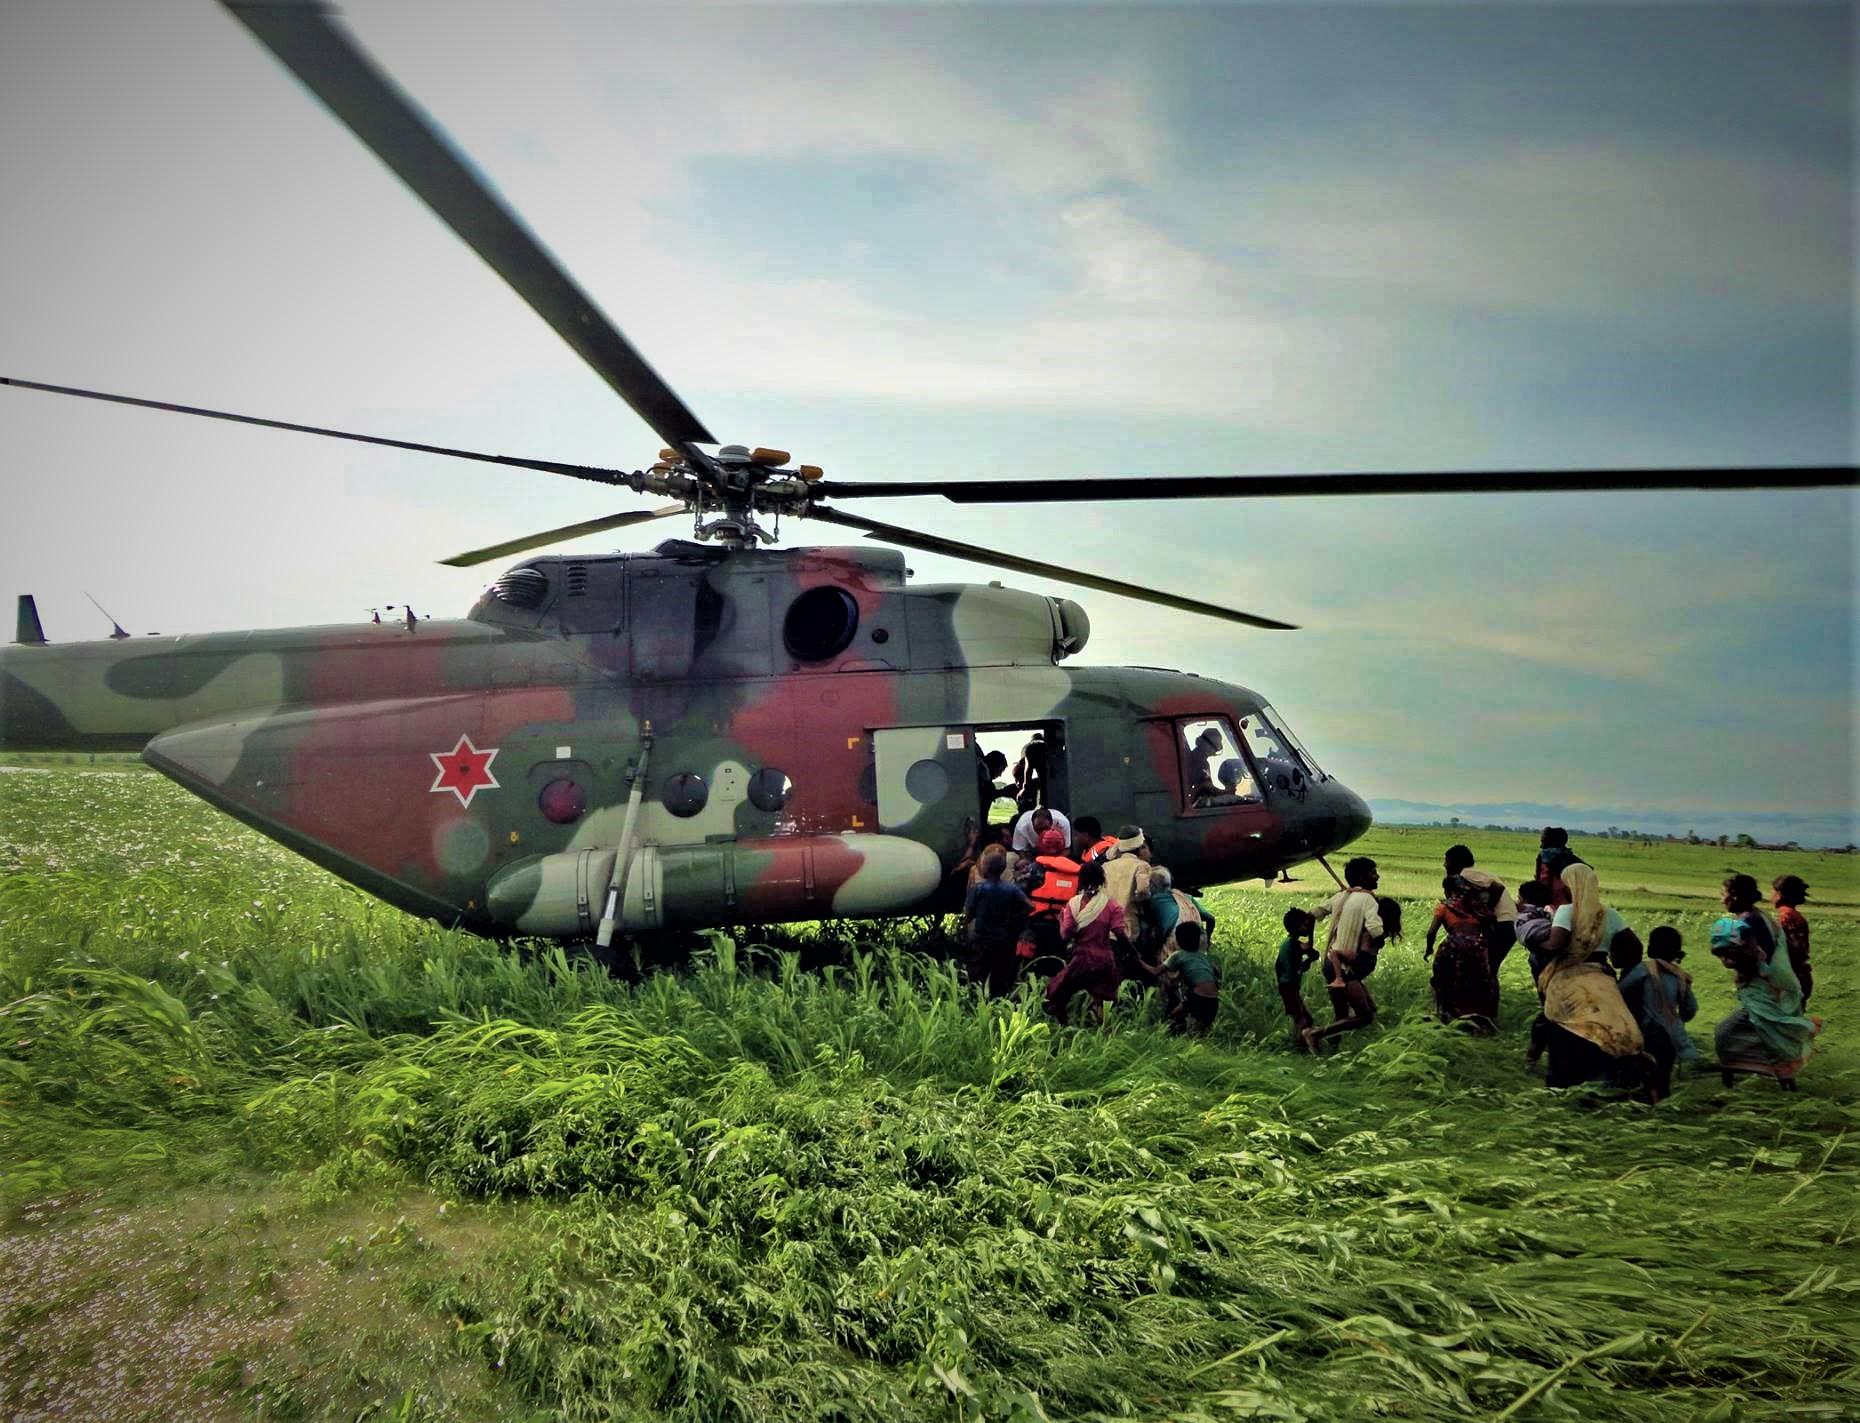 उद्दार गर्न महाकाली पुग्यो सेनाकाे हेलिकप्टर